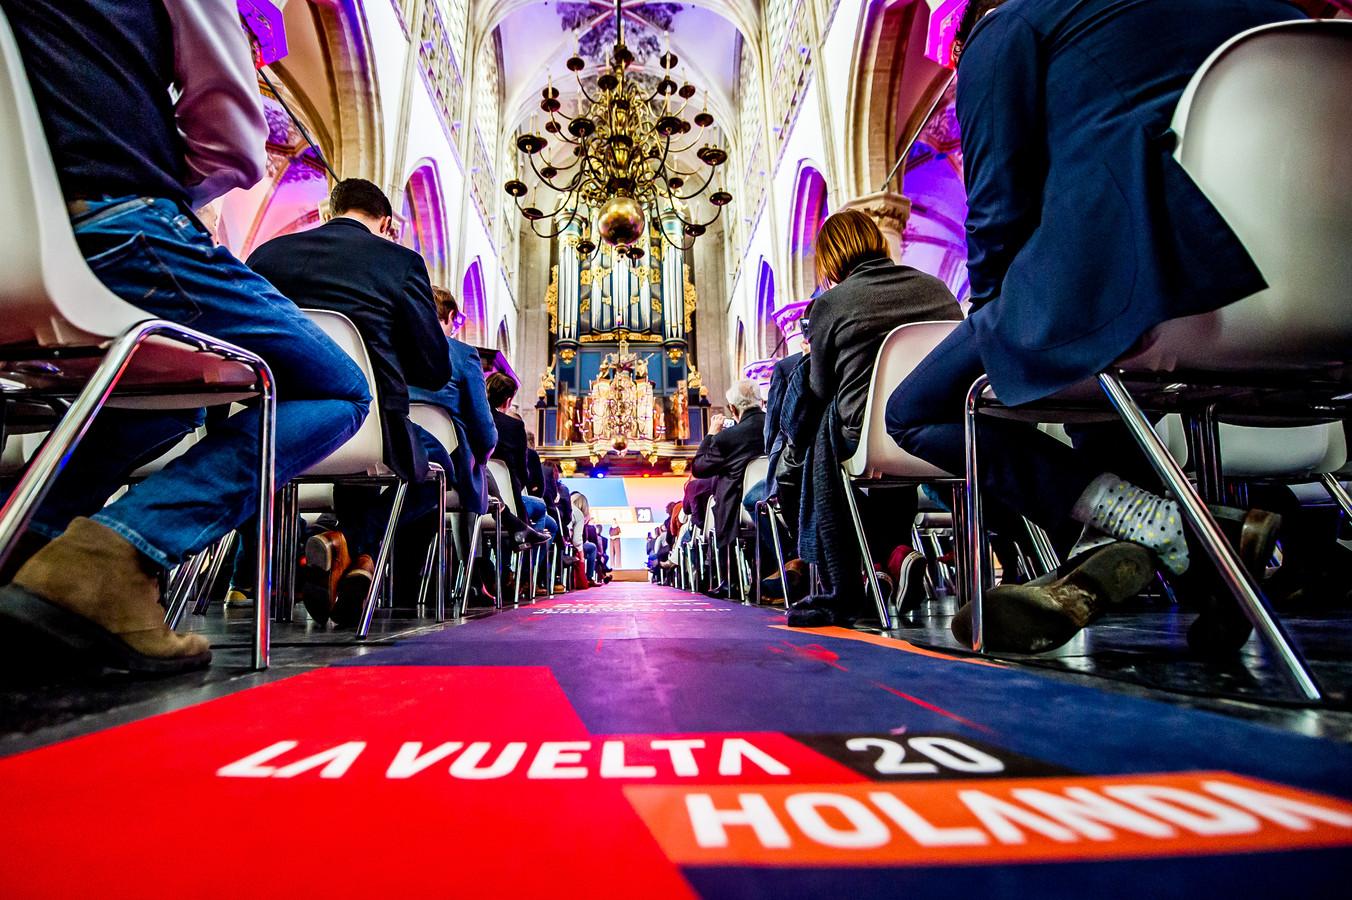 Onder belangstelling van de internationale pers en hoogwaardigheidsbekleders werden vol trots de eerste 3 etappes van de Vuelta 2020 gepresenteerd.